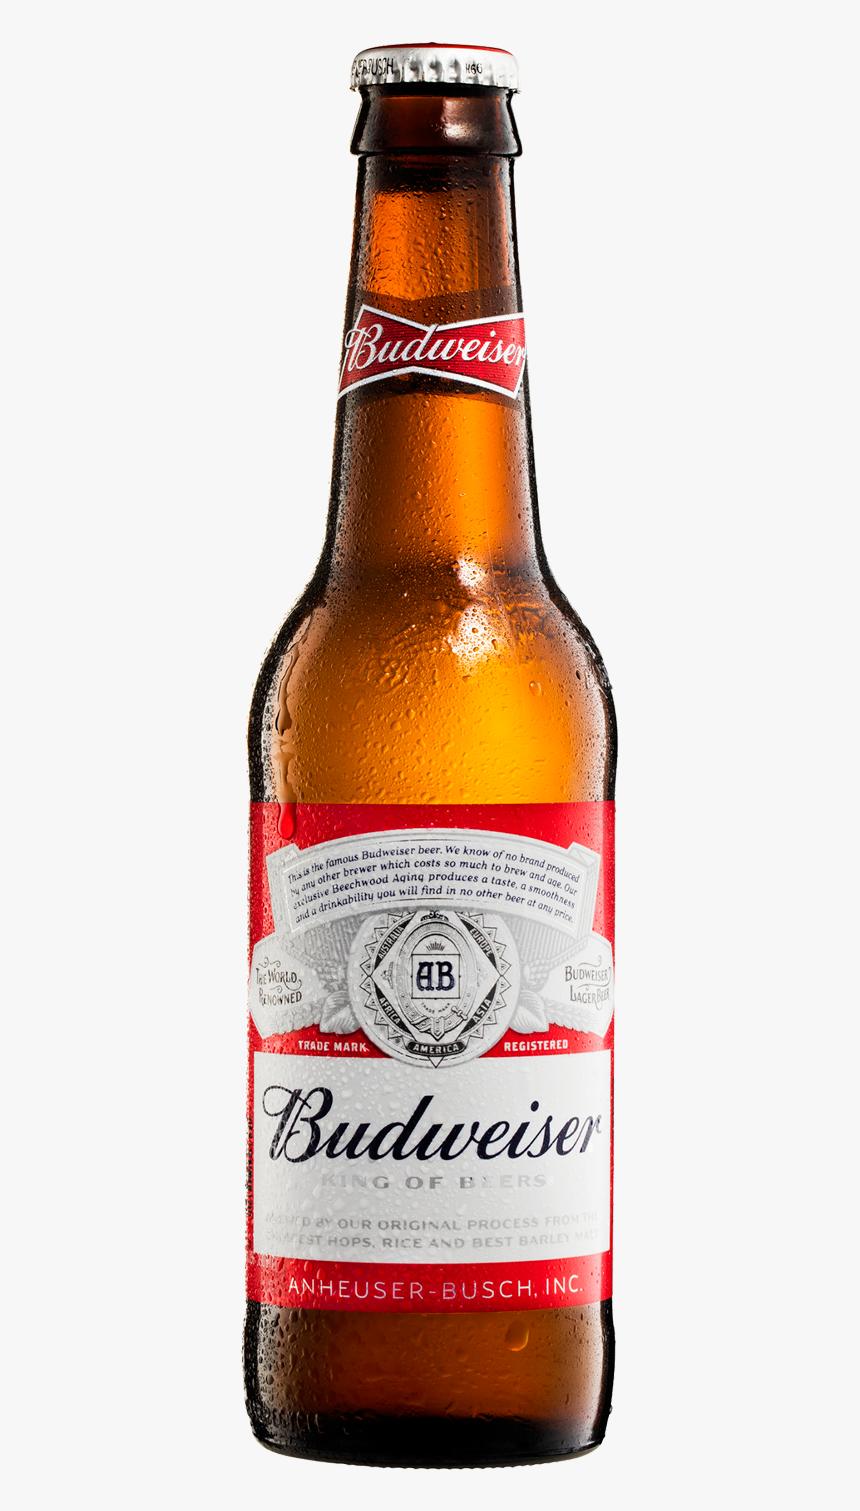 Budweiser Beer Bottle Png, Transparent Png, Free Download